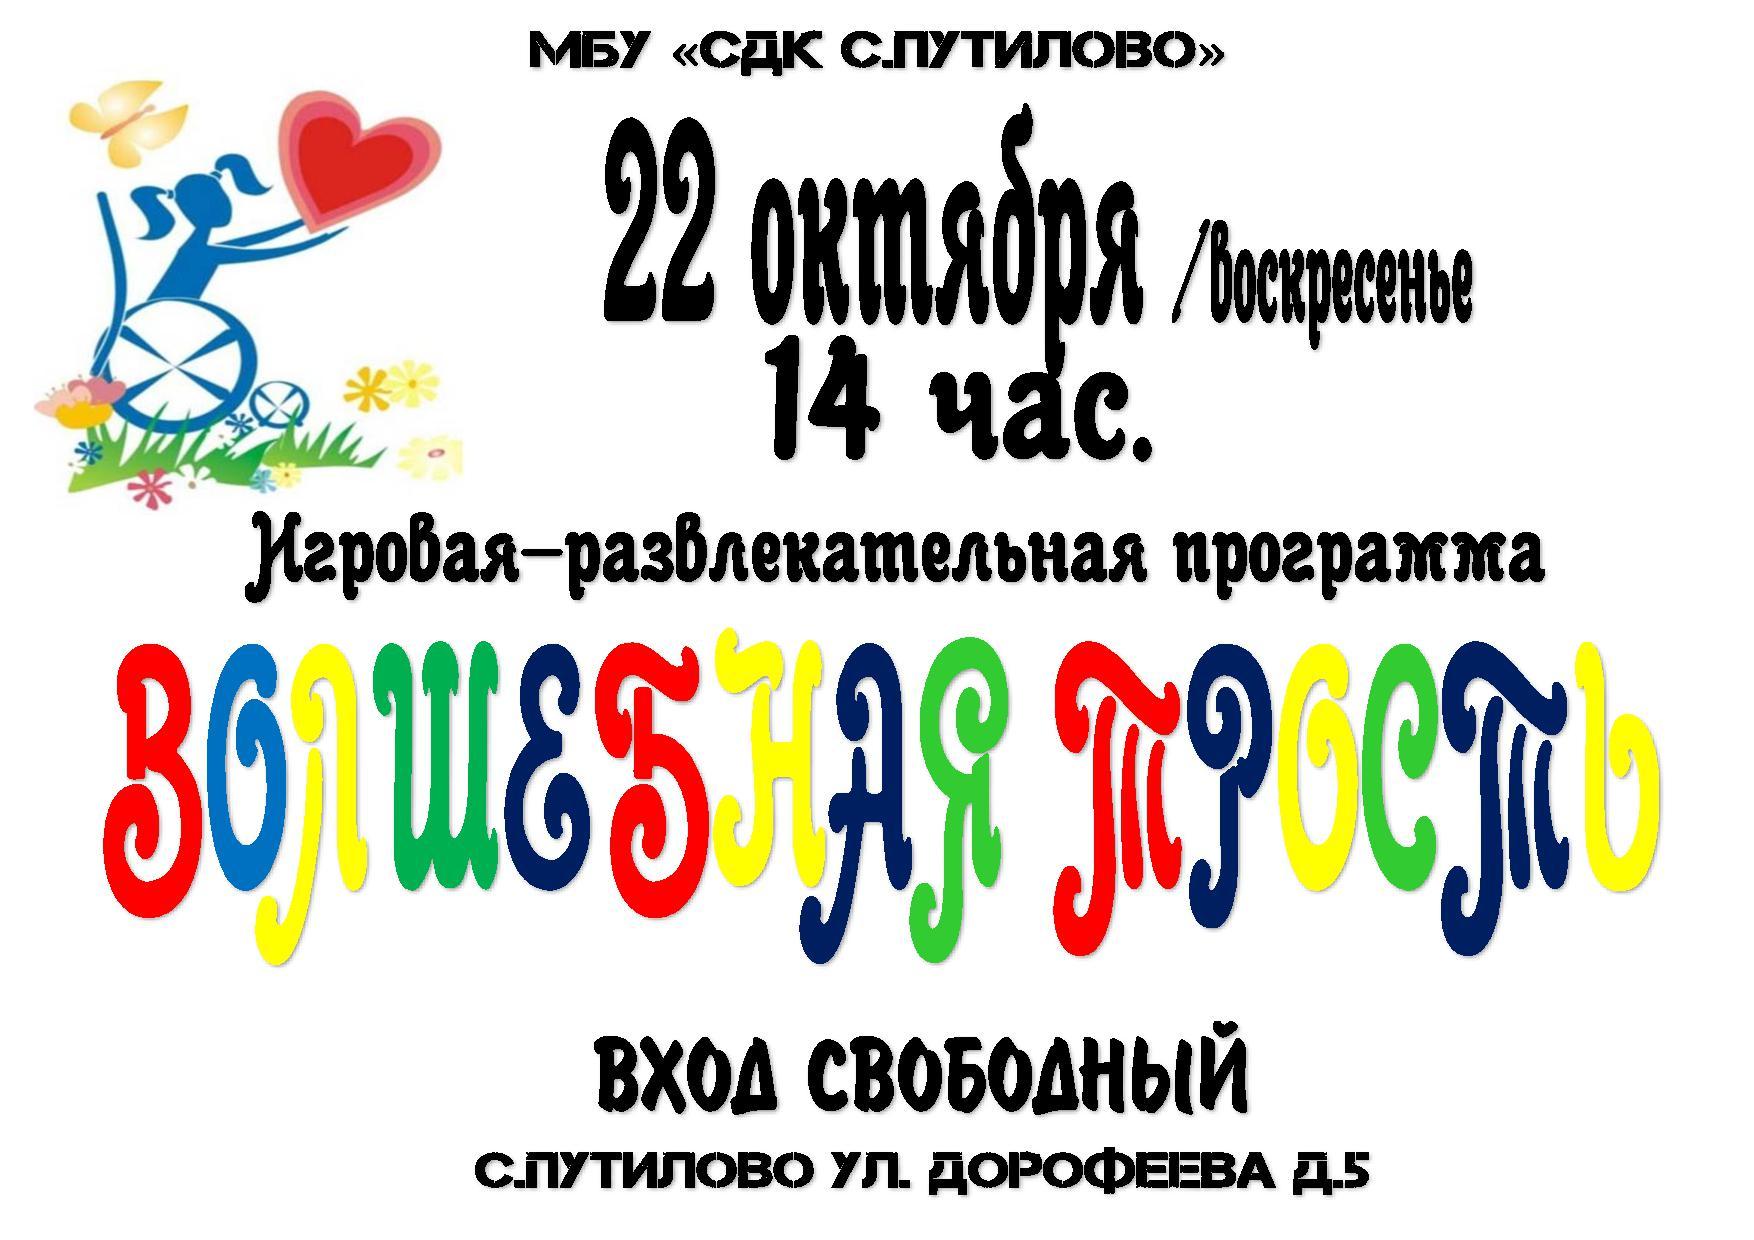 d119e7be119 Путиловское сельское поселение - новости